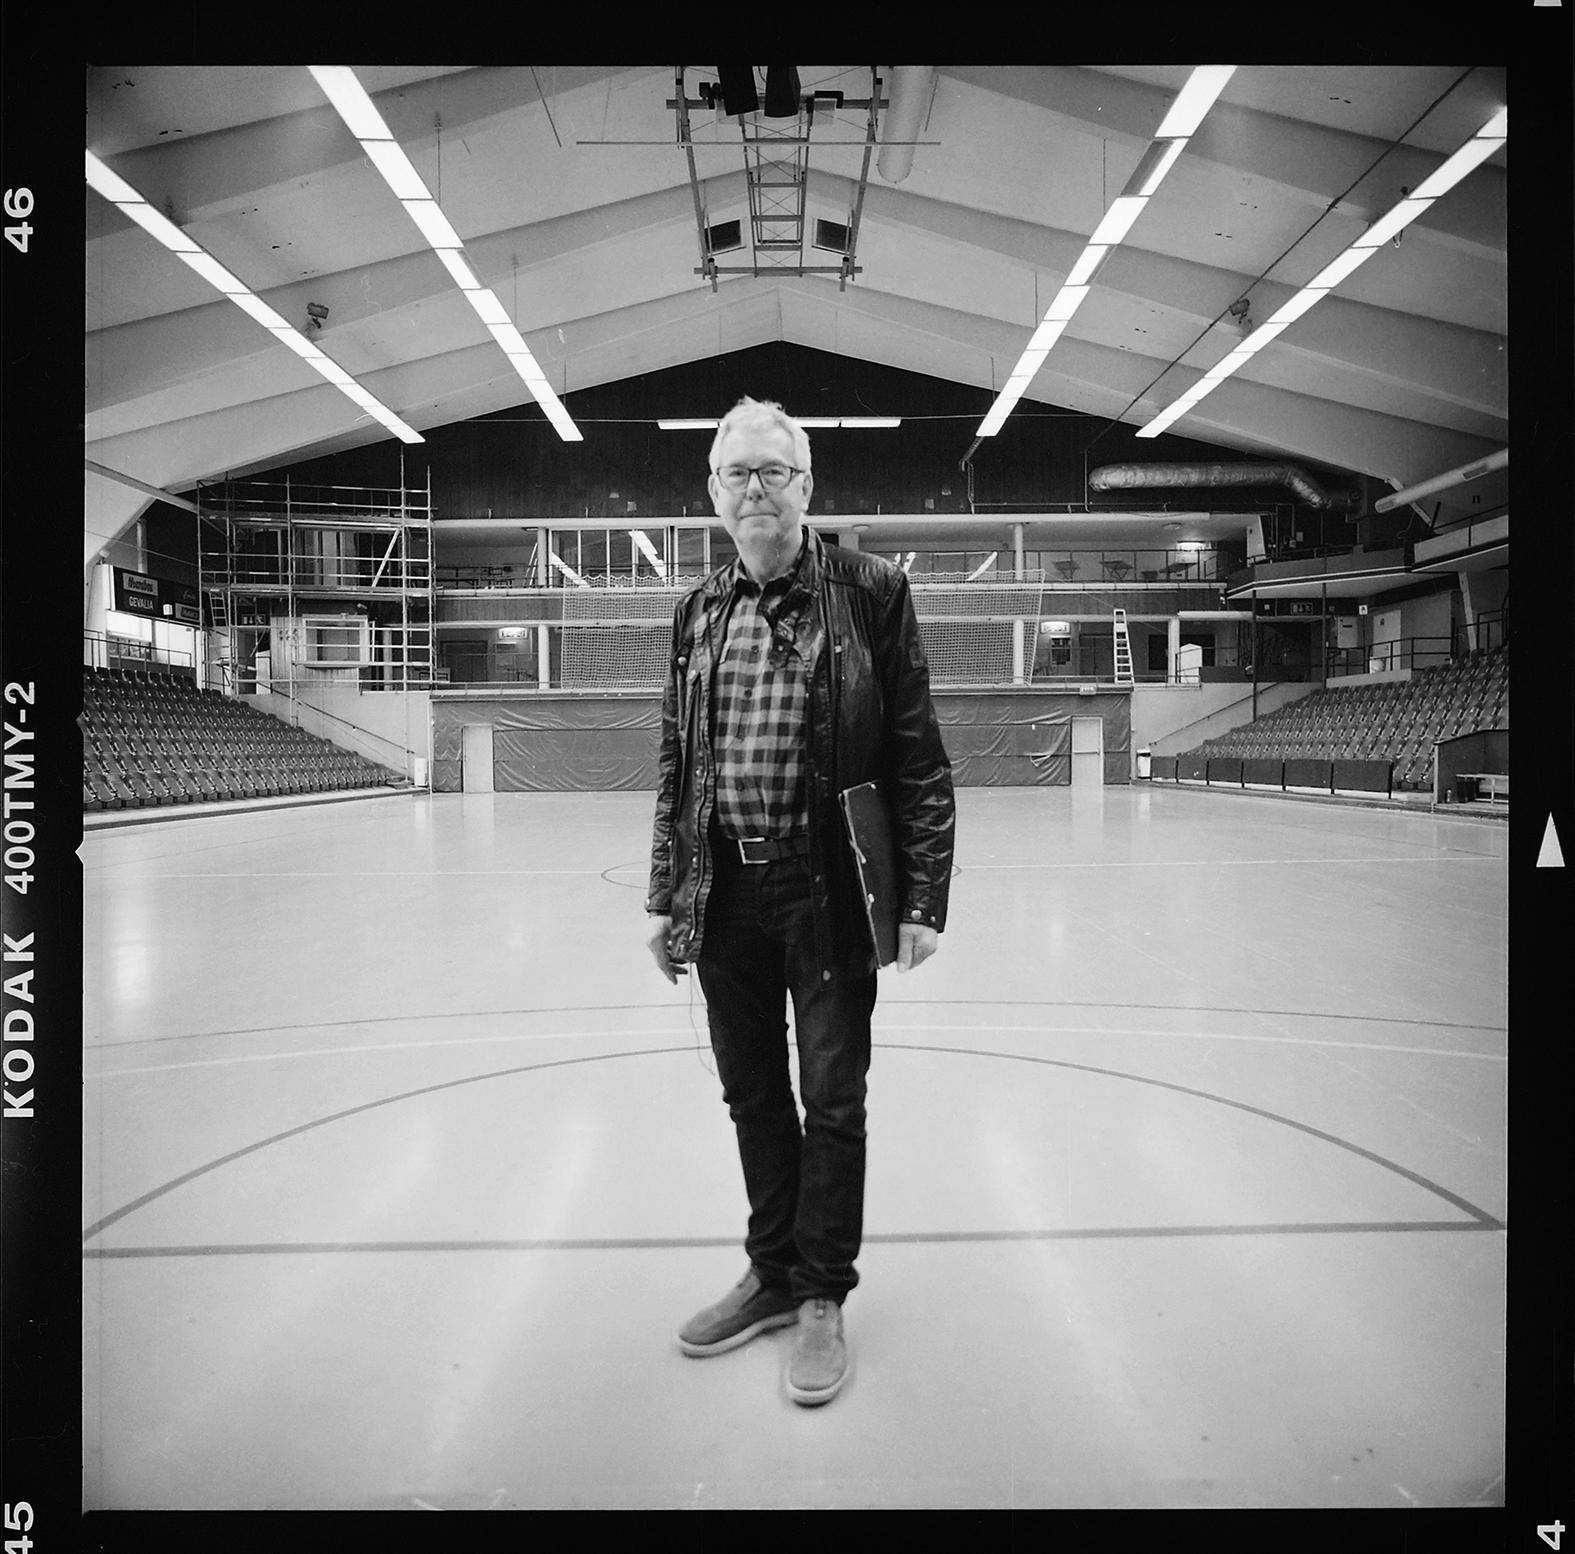 Björn Norrman vill bevar Sporthallen i Eskilstuna fotograferad med Hasselblad